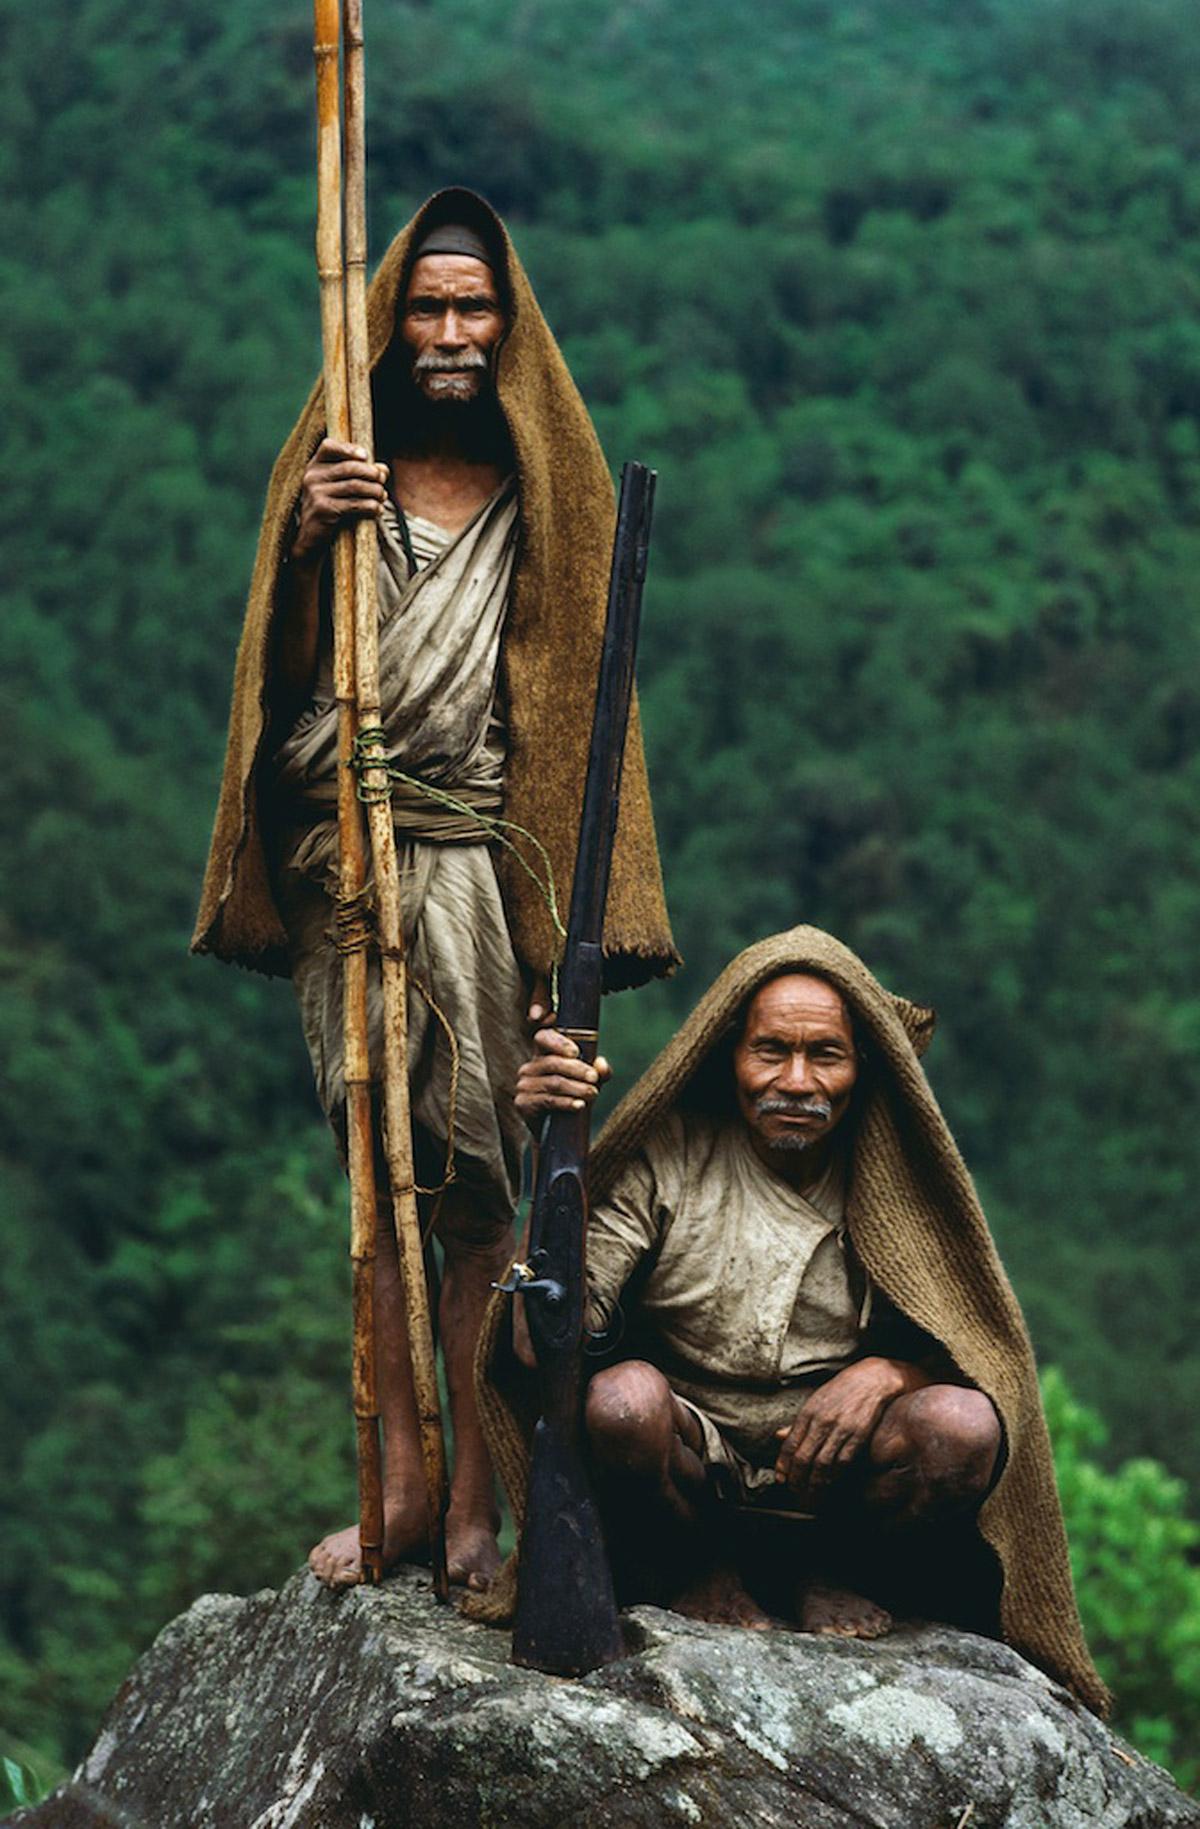 nepalese-honey-hunters-11